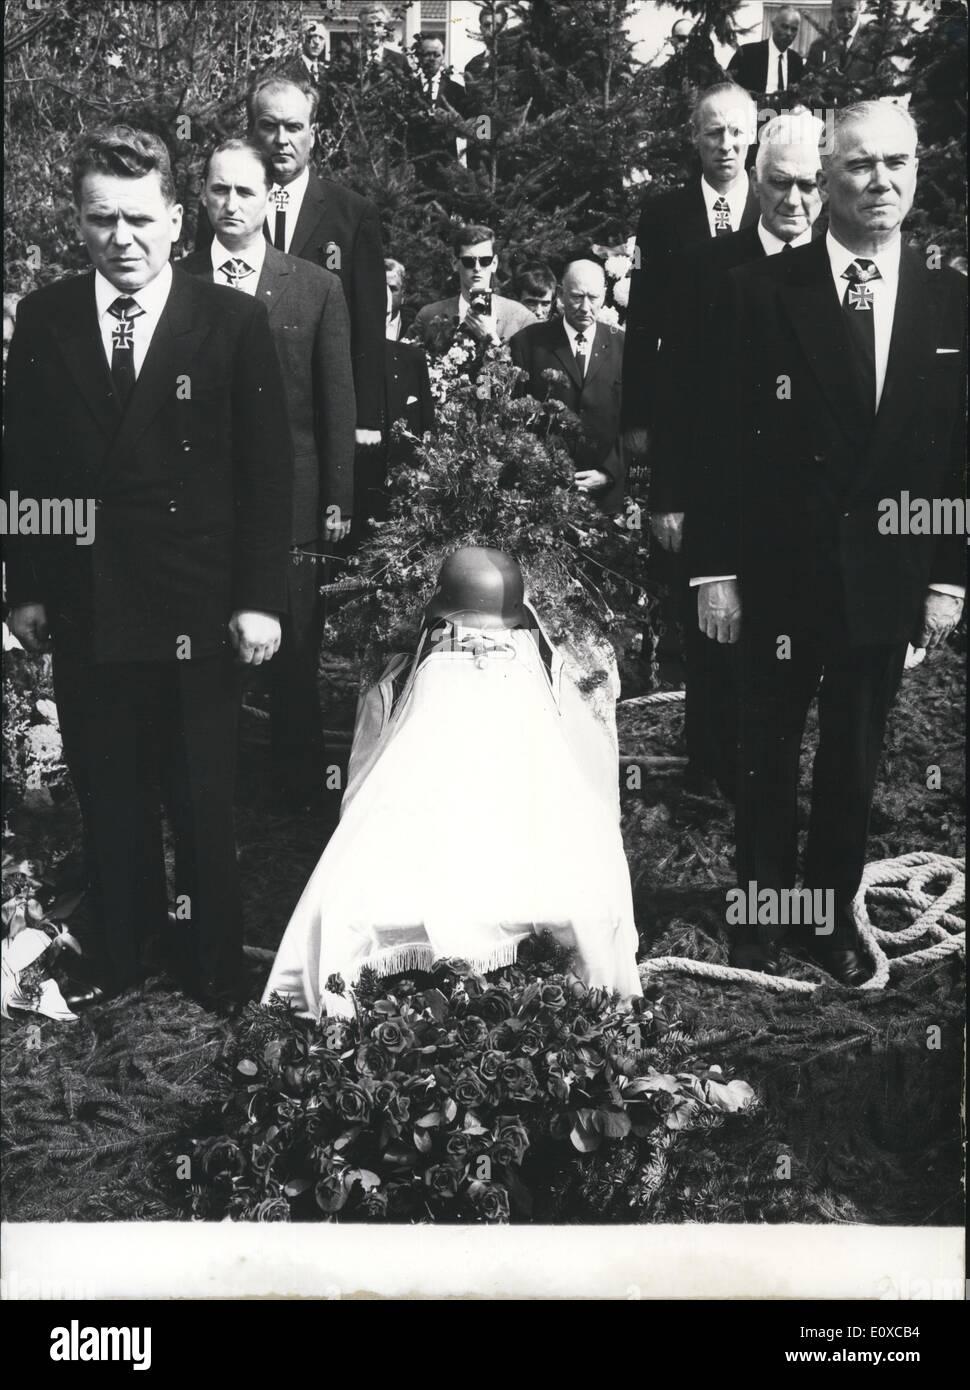 4. April 1966 - die ehemaligen Generaloberst der Waffen - SS'' '' und Commander-in-Chief der sechsten '' SS'' - Panzer-Armee, Sept Dietrich, der vor dem Russland - Kampagne, Kommandant des Körper-Standards '' Adolf Hitler'', war am Mittwochnachmittag auf dem neuen Friedhof in Ludwig beigesetzt wurde. Der Träger des Ritterkreuz mit Eiche Blätter und Schwertern und brillanten ist am vergangenen Mittwoch im Alter von 74 Jahren gestorben Stockbild